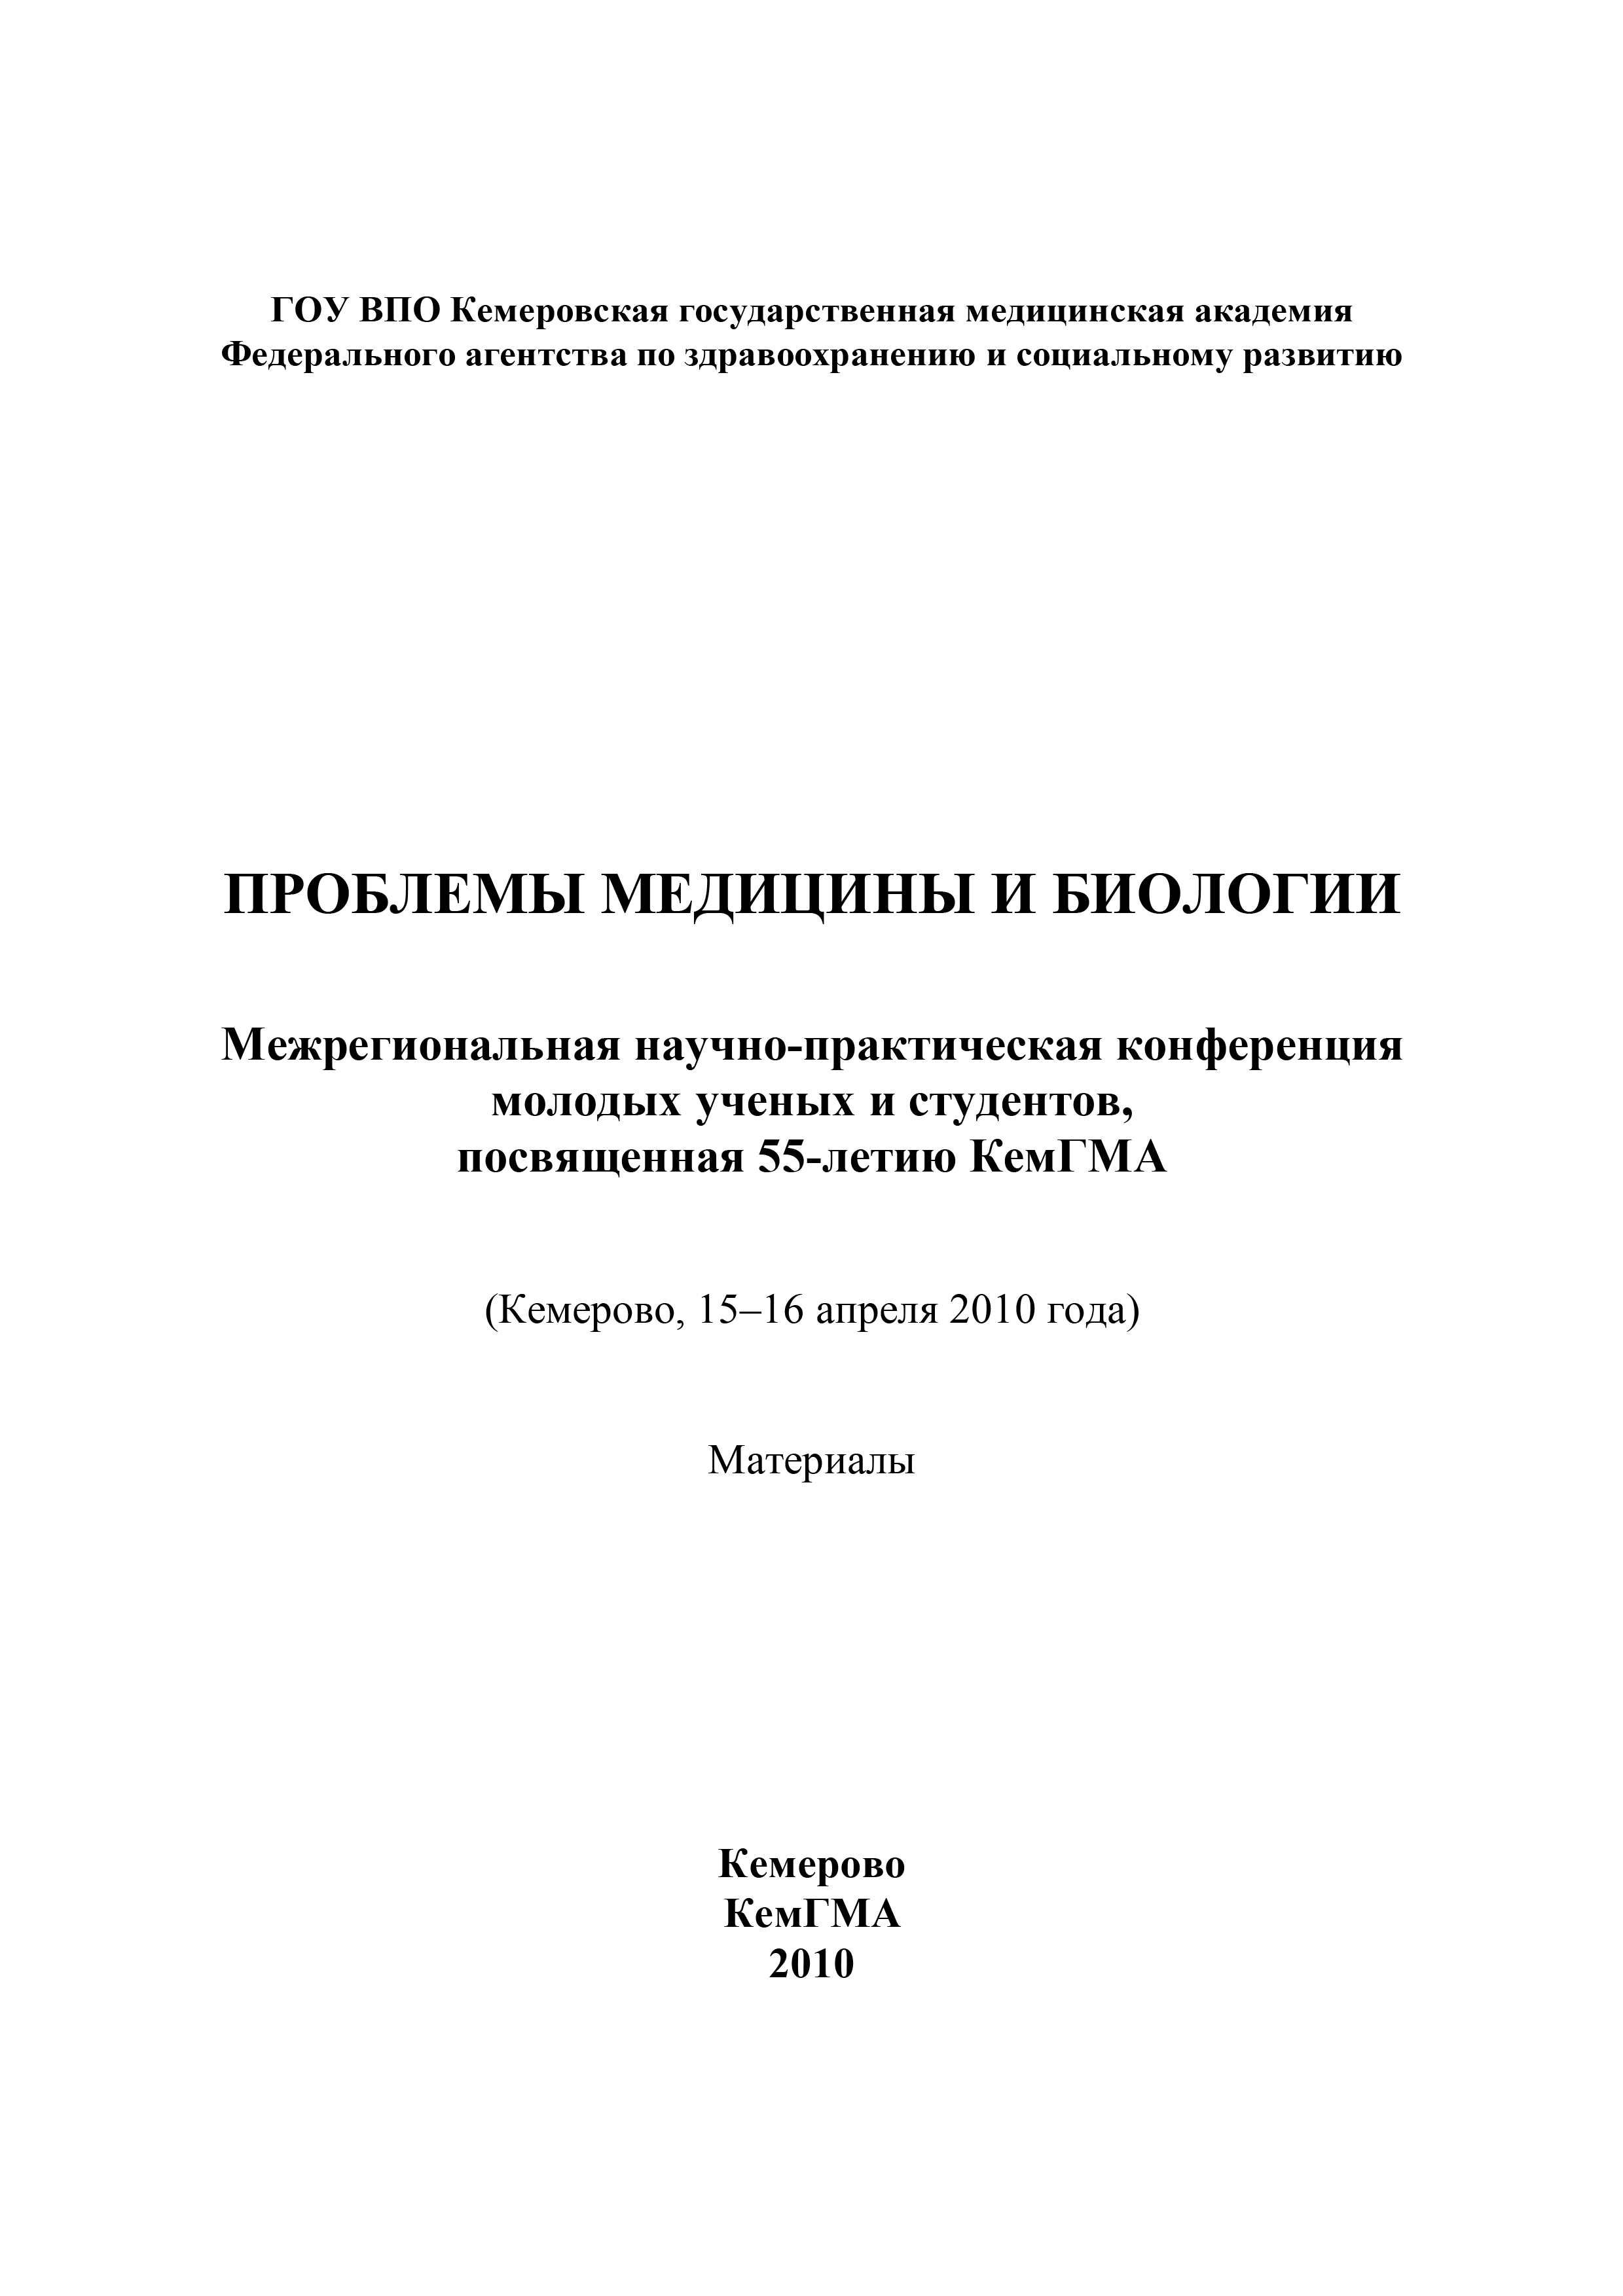 Коллектив авторов Проблемы медицины и биологии солнечный коллектор вакуумный киев